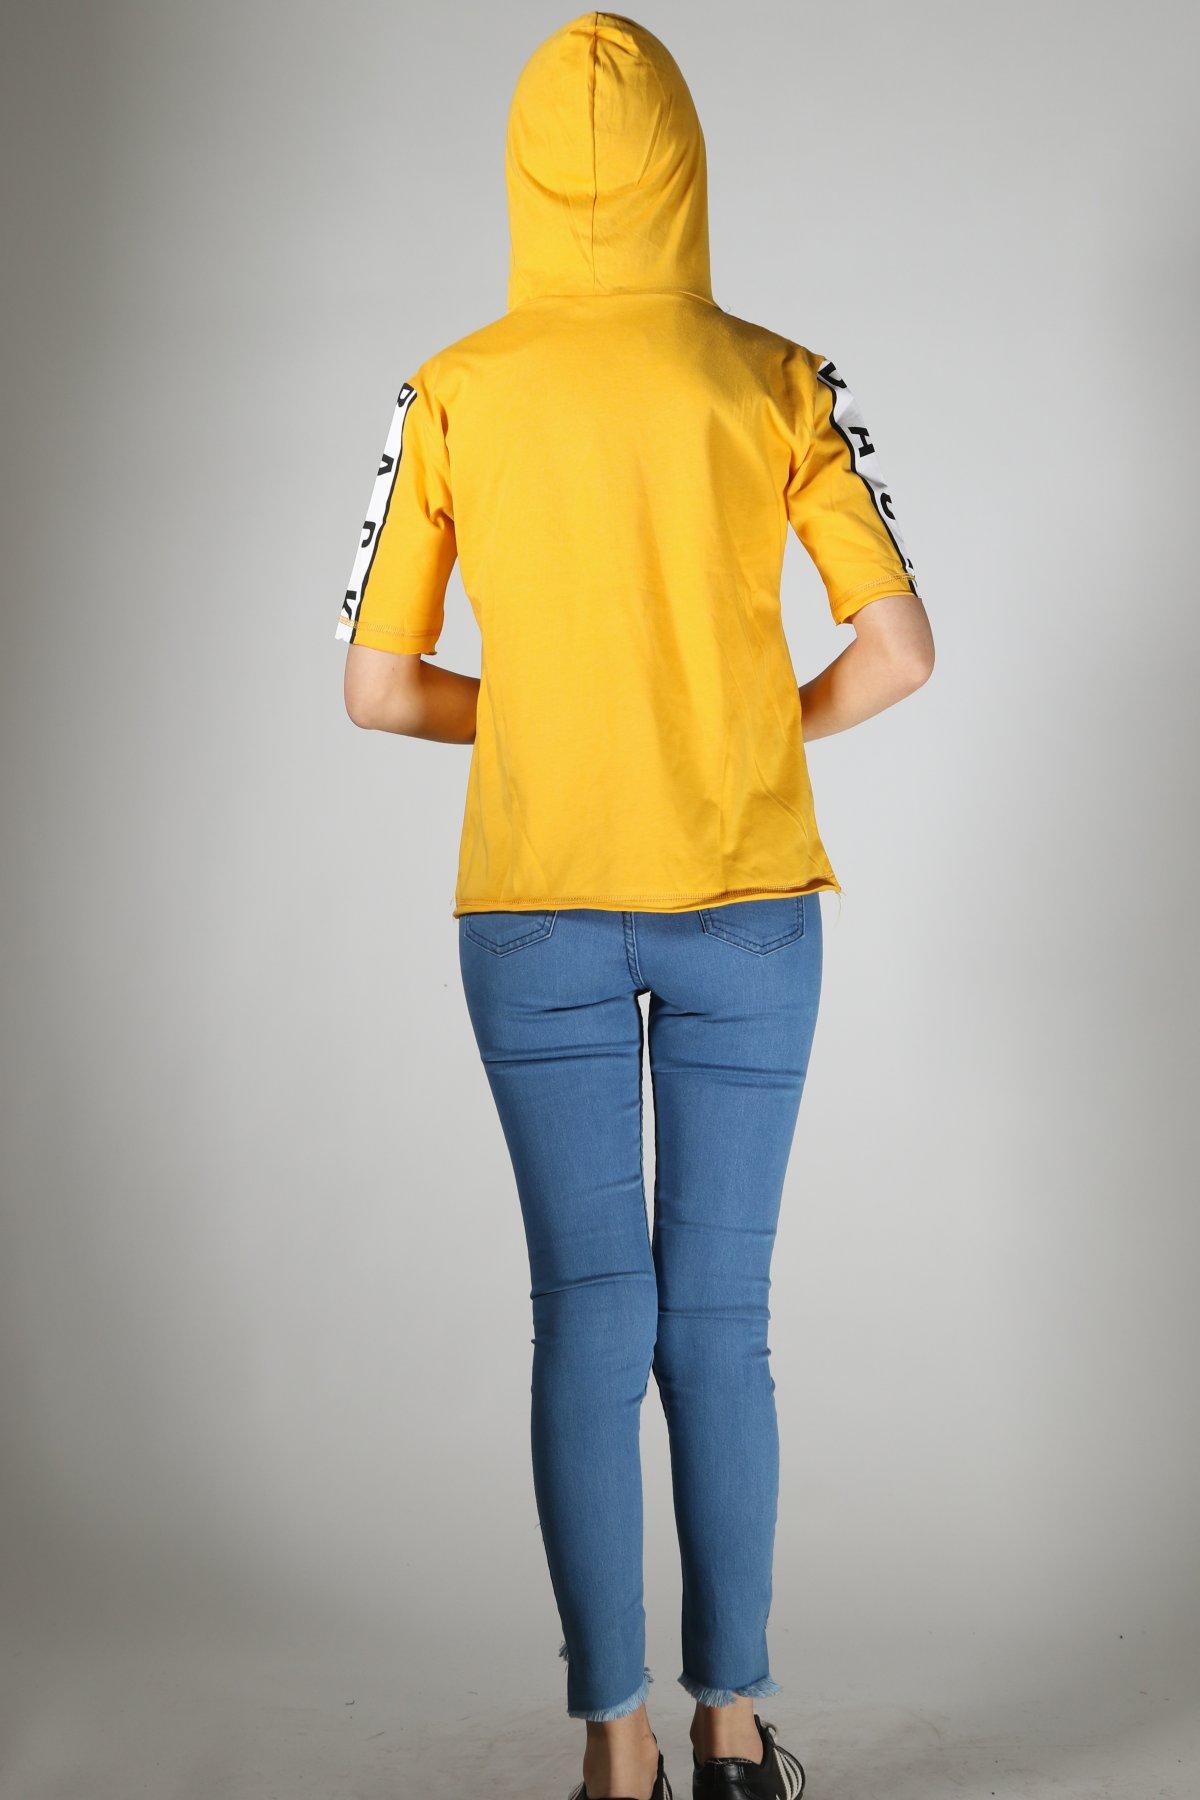 Black Off Baskı Kapşonlu T-shirt